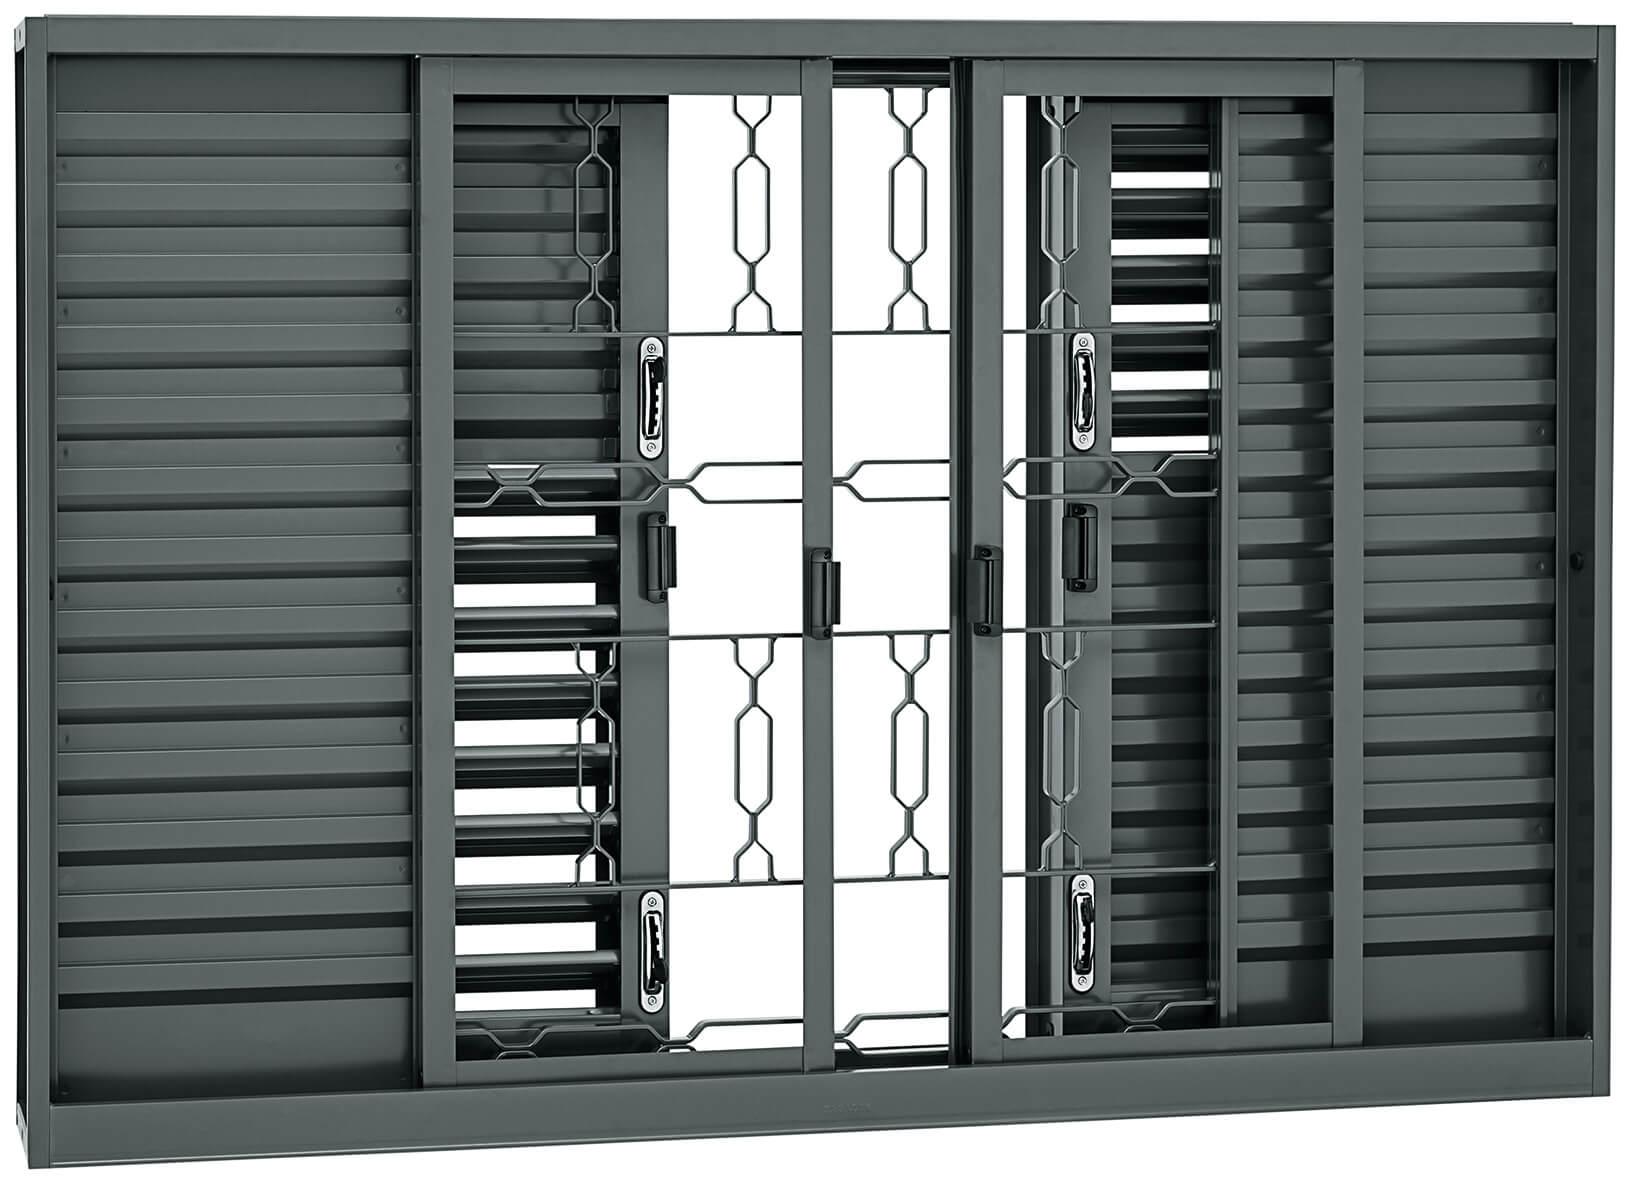 Silenfort Veneziana Multiflex - 1.20x2.00x0.16 Sasazaki Ref. 61.21.128-4